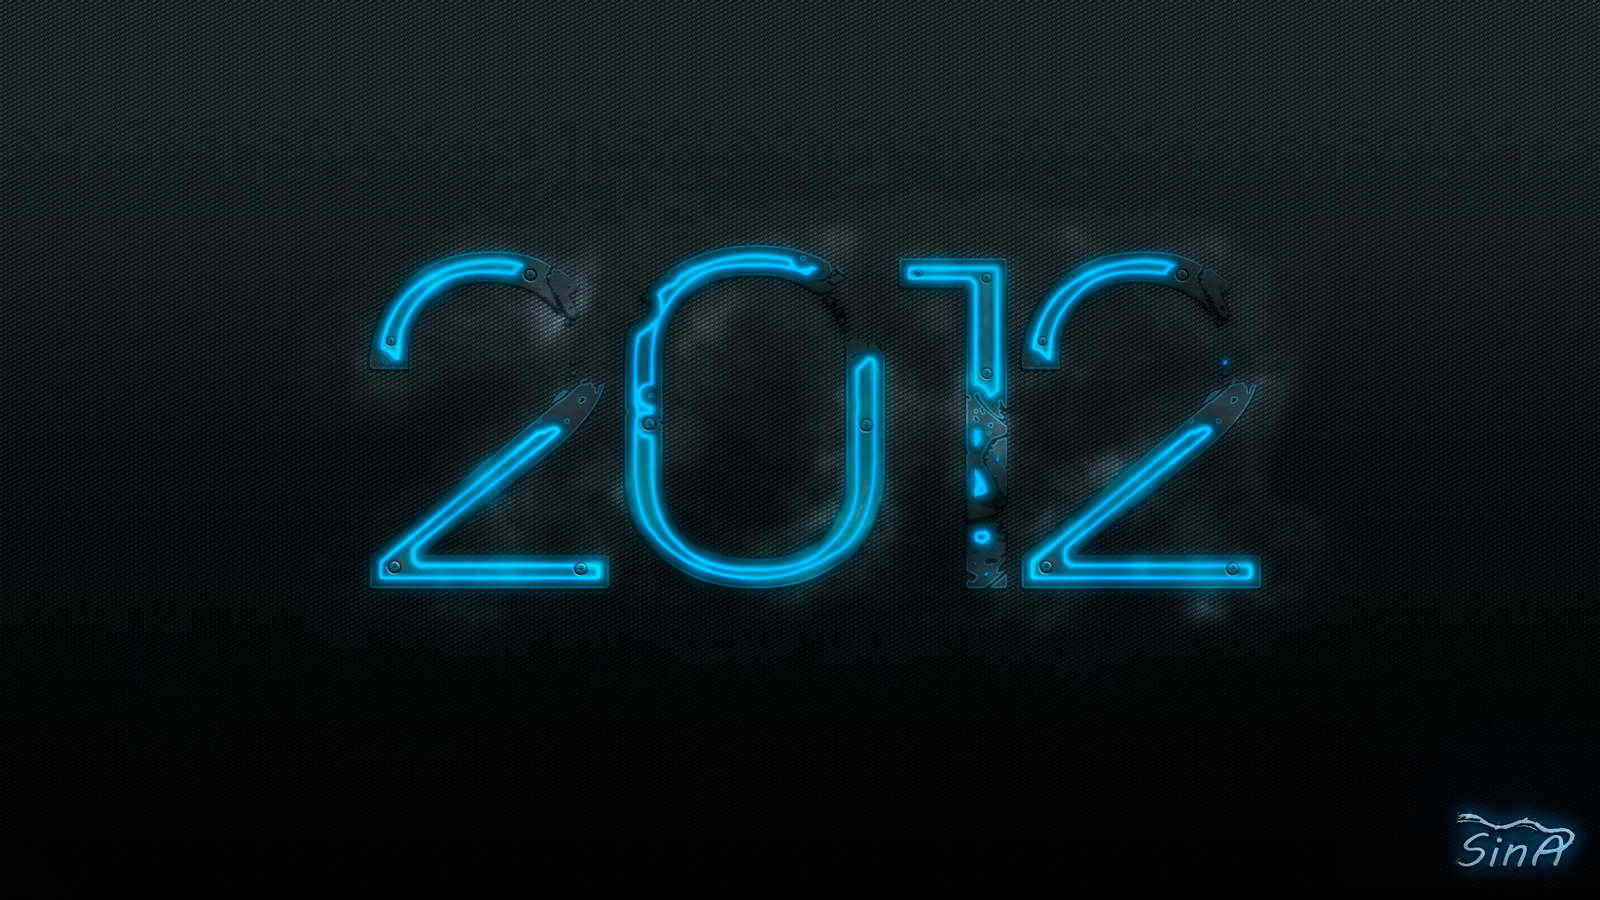 2012 by sinaxpod